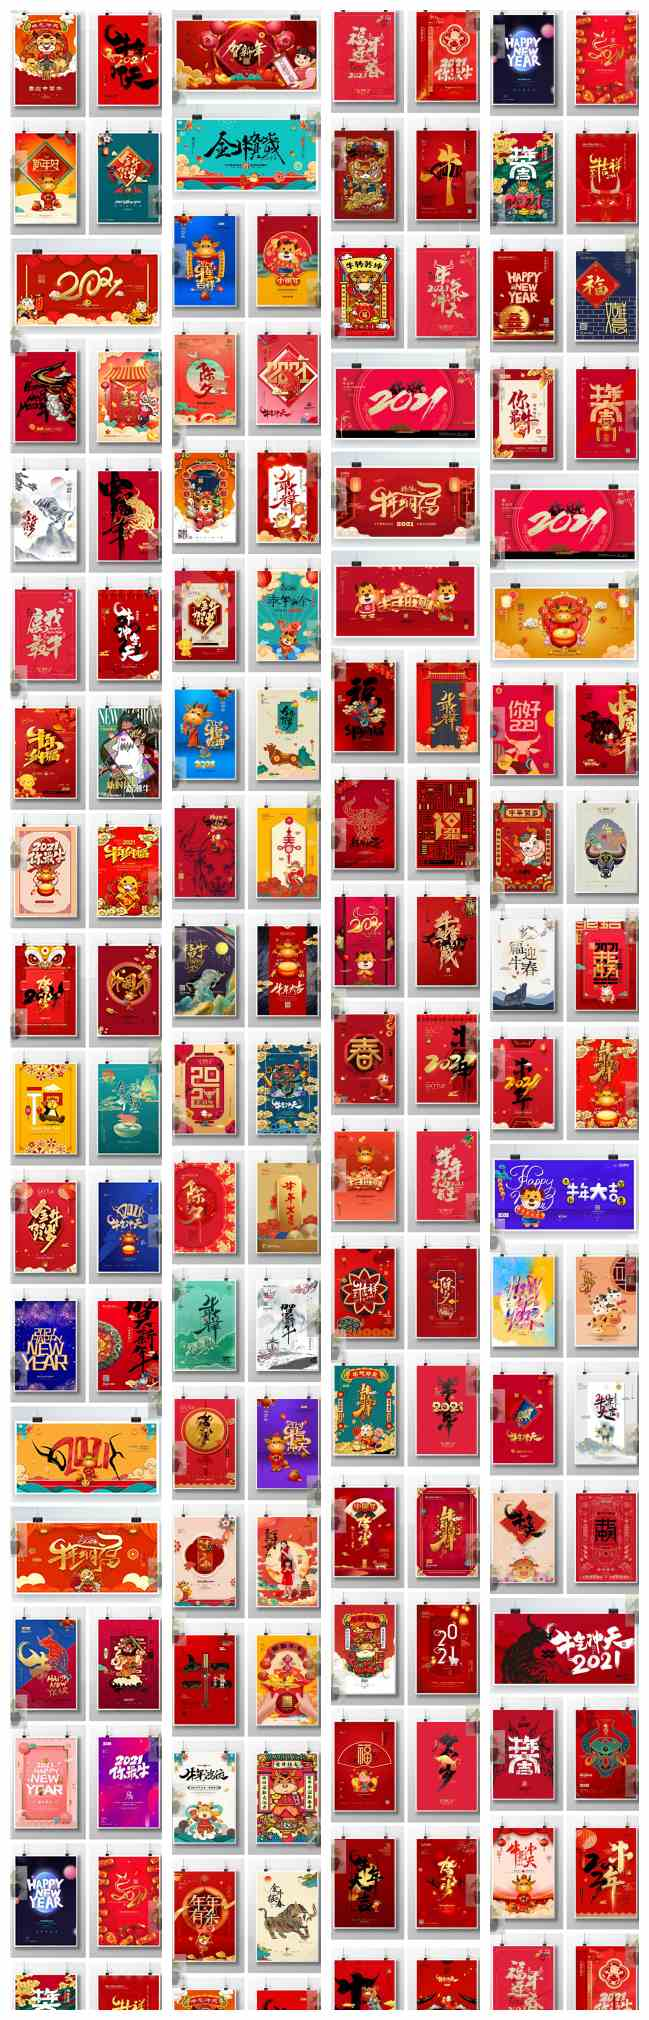 2021最新牛年宣传海报新年元旦春节红色中国风背景PSD模板图片素材分享130套插图